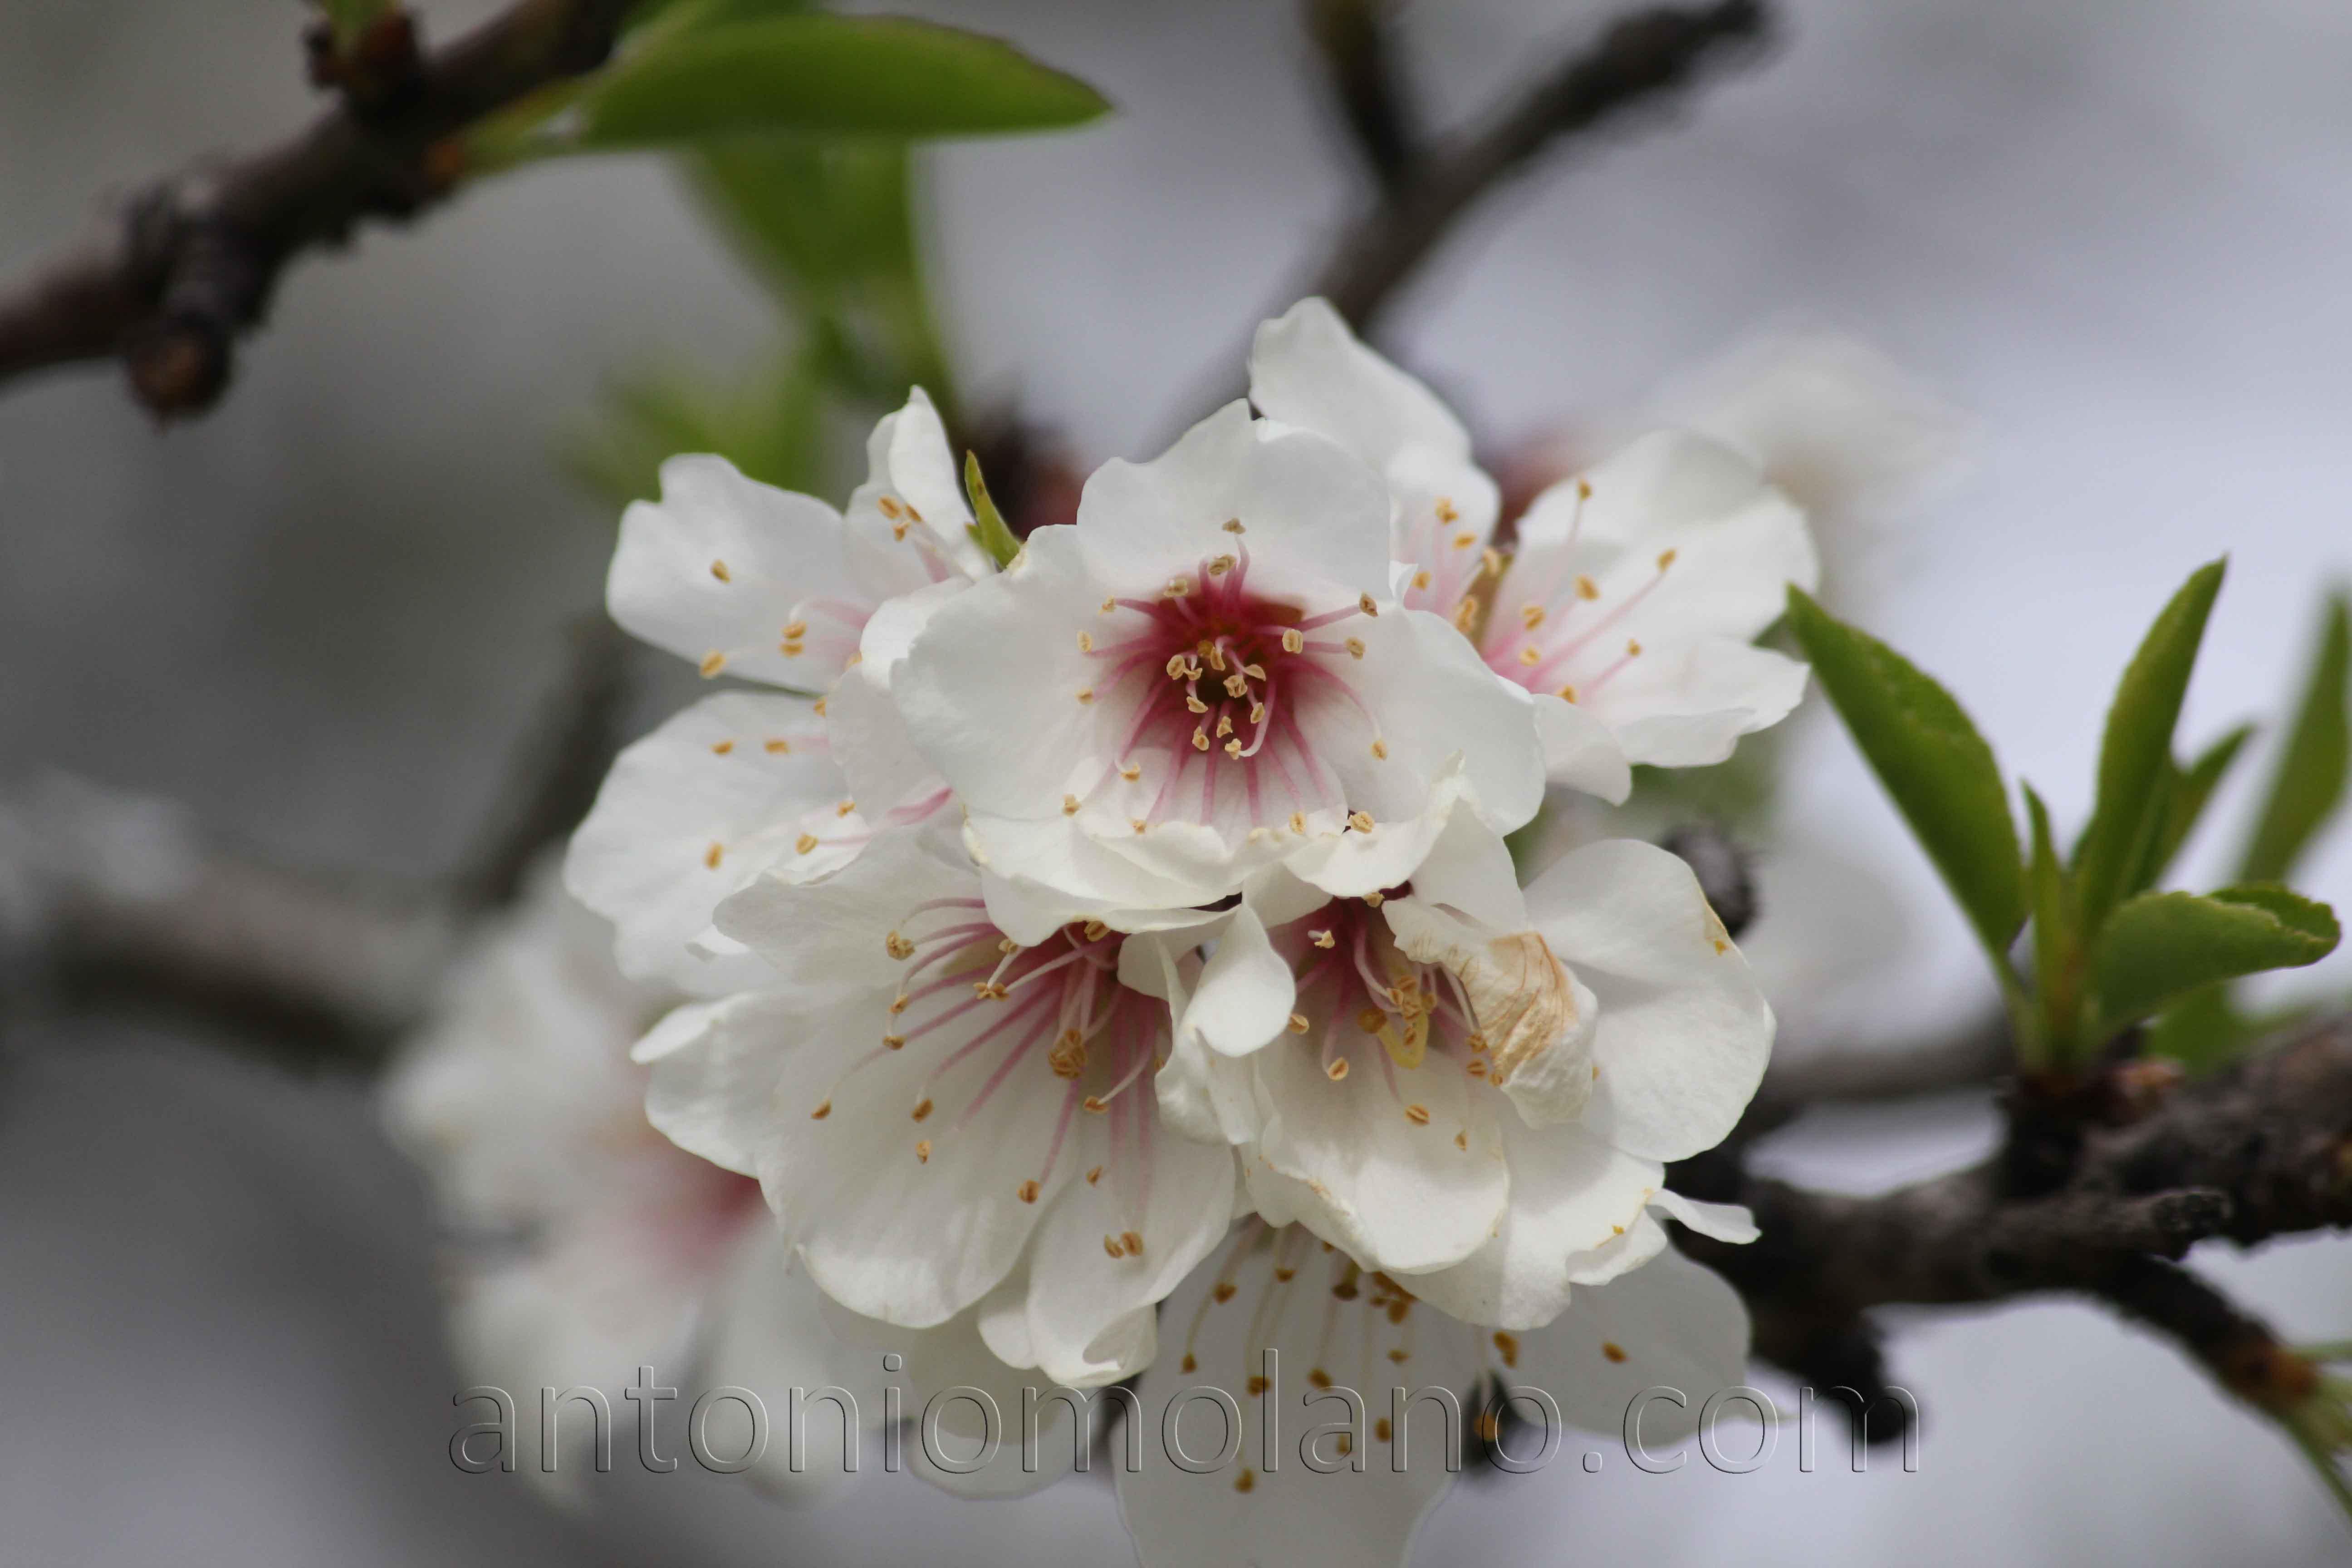 flor de almendro.jpg